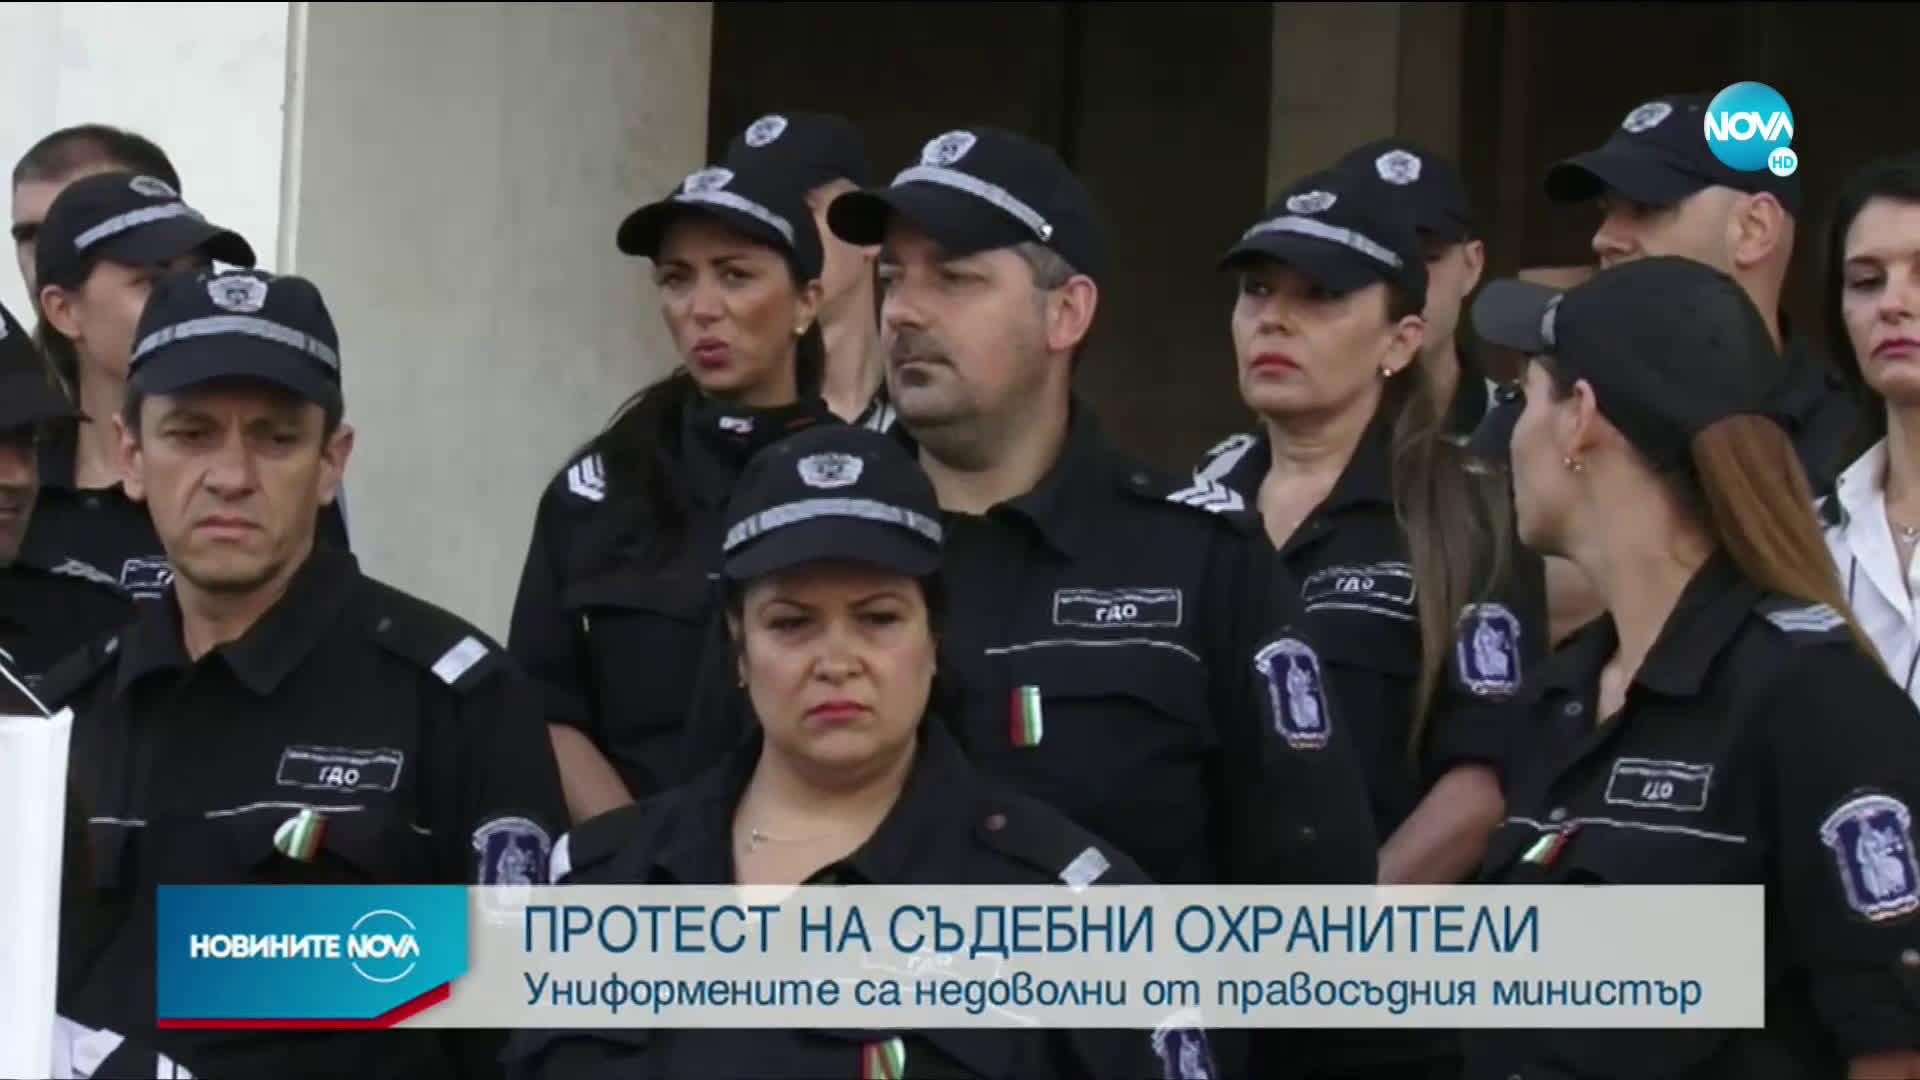 """Членове на """"Синдикат Охрана"""" излизат на протести пред съдебните палати"""